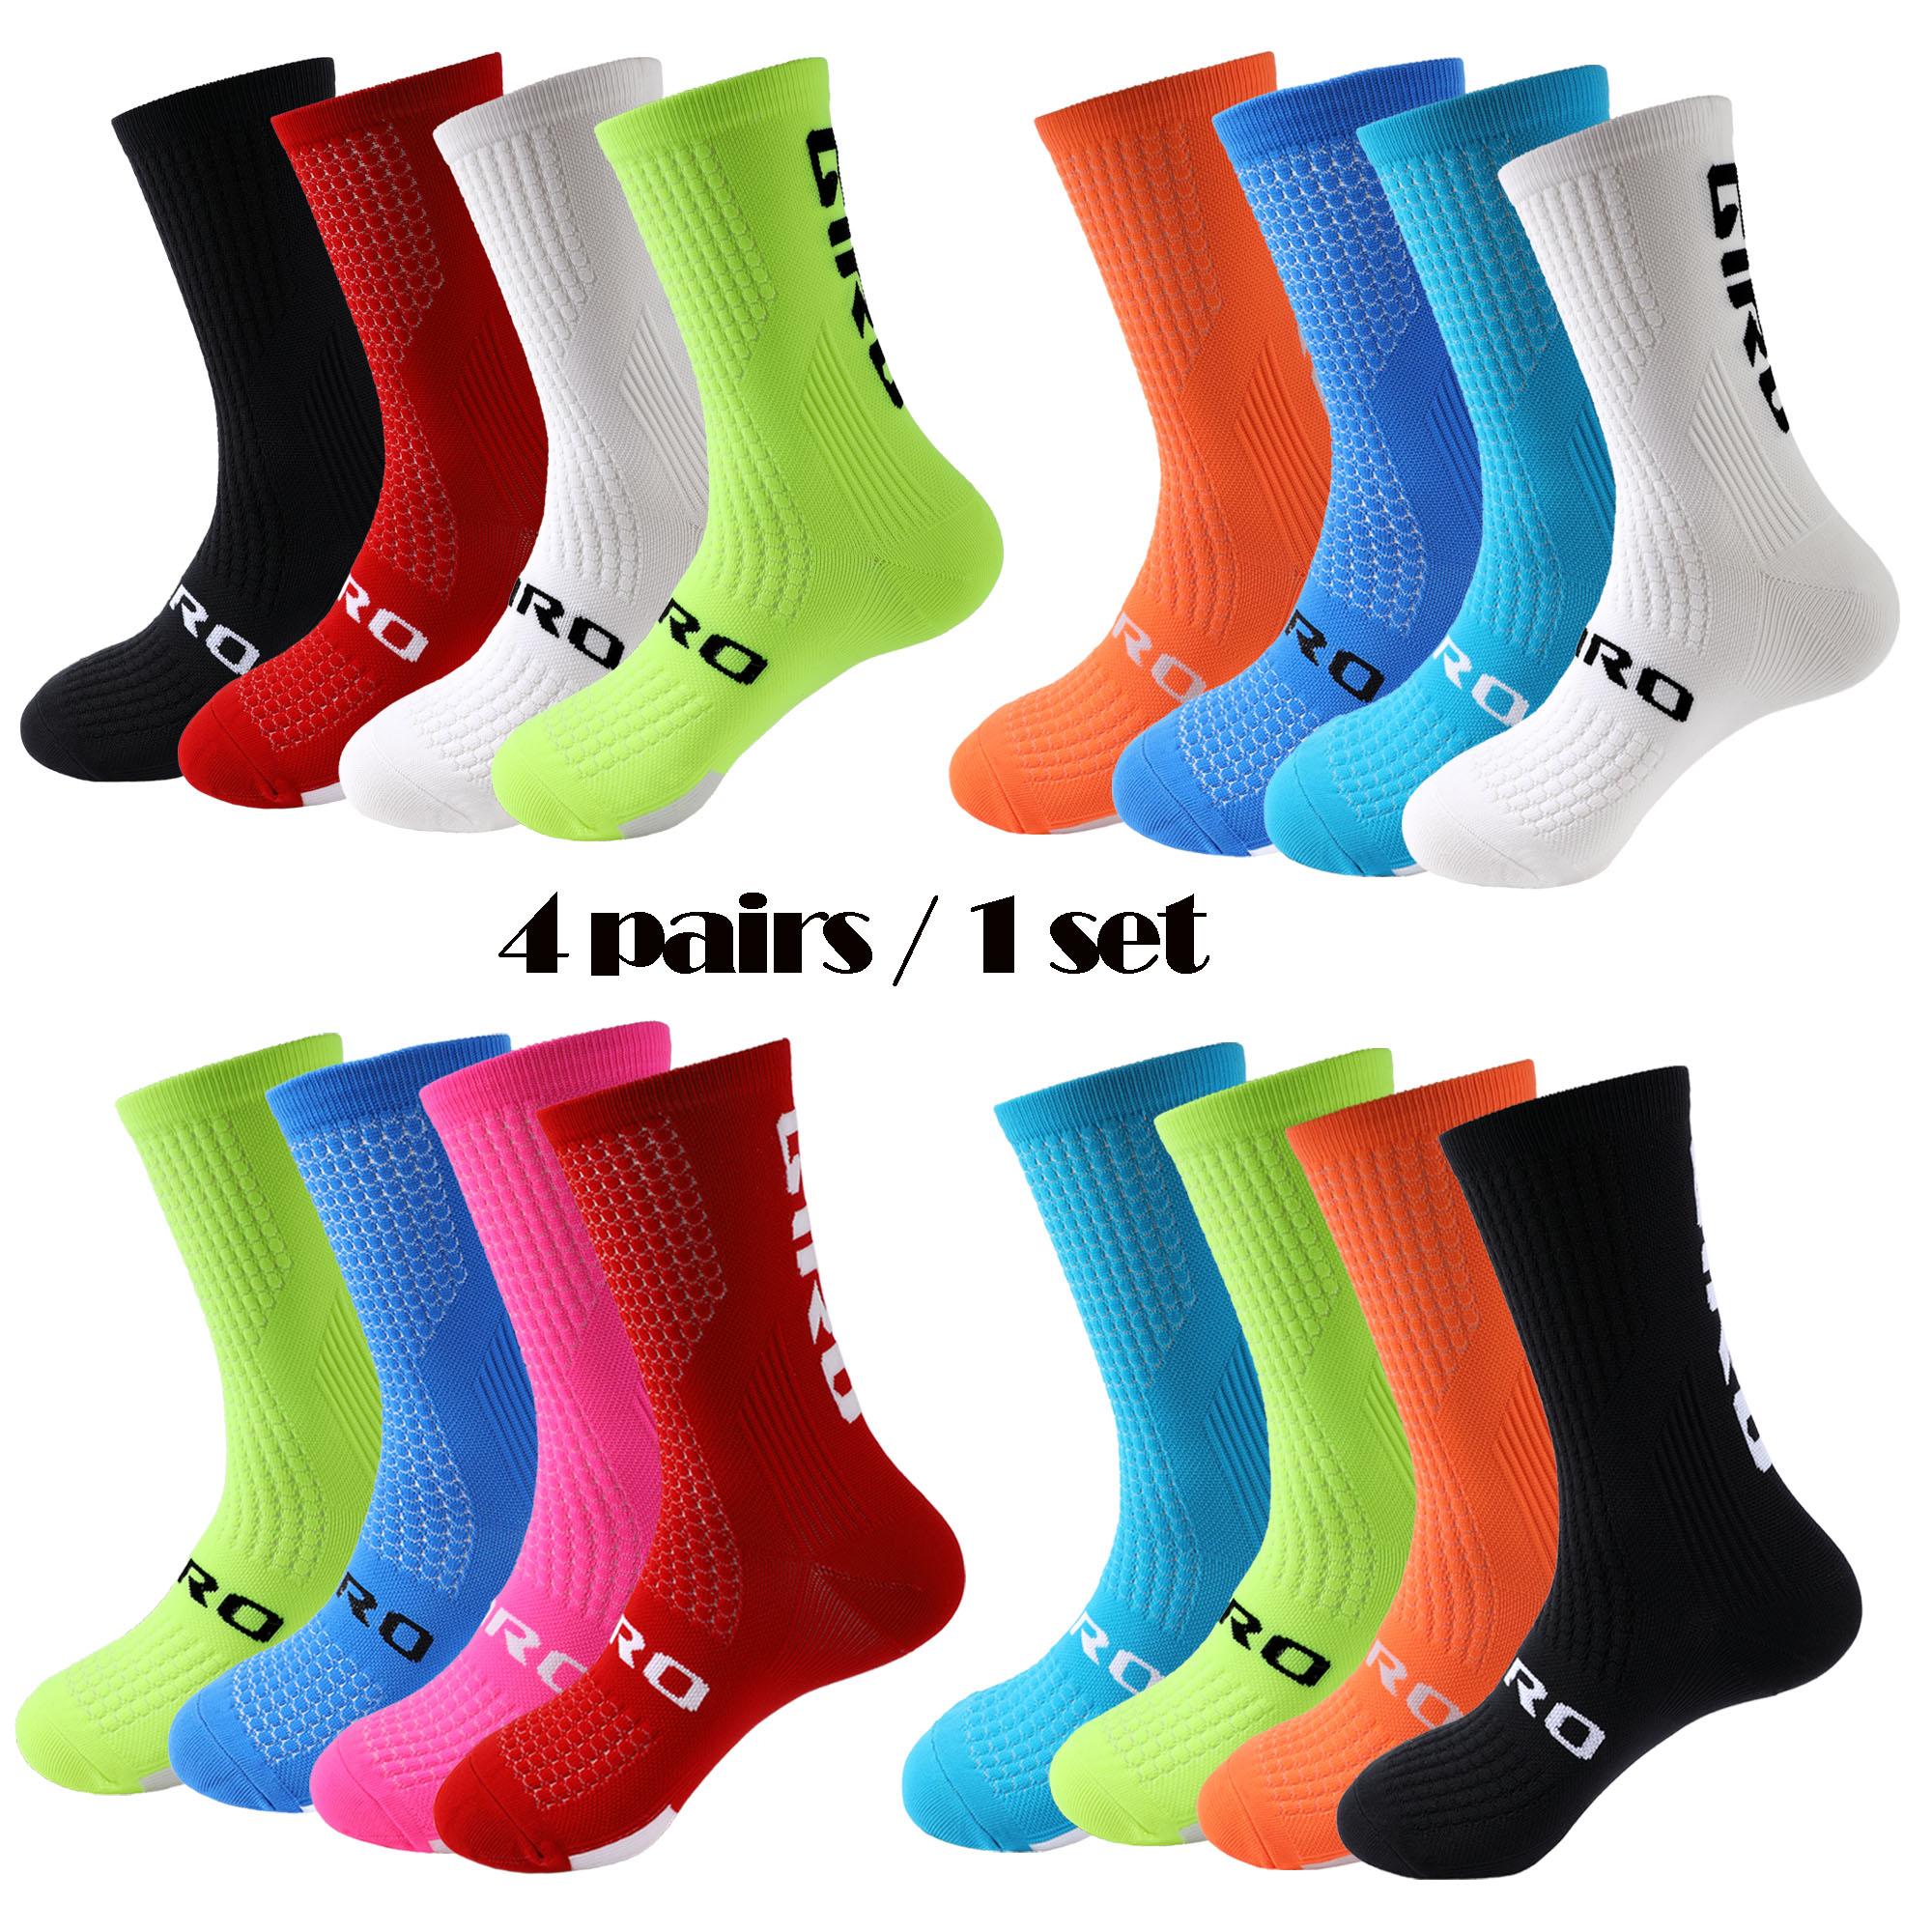 2020 велосипедные носки, мужские носки, мужские носки, компрессионные носки, спортивные носки, носки для бега, баскетбольные носки, женские но...